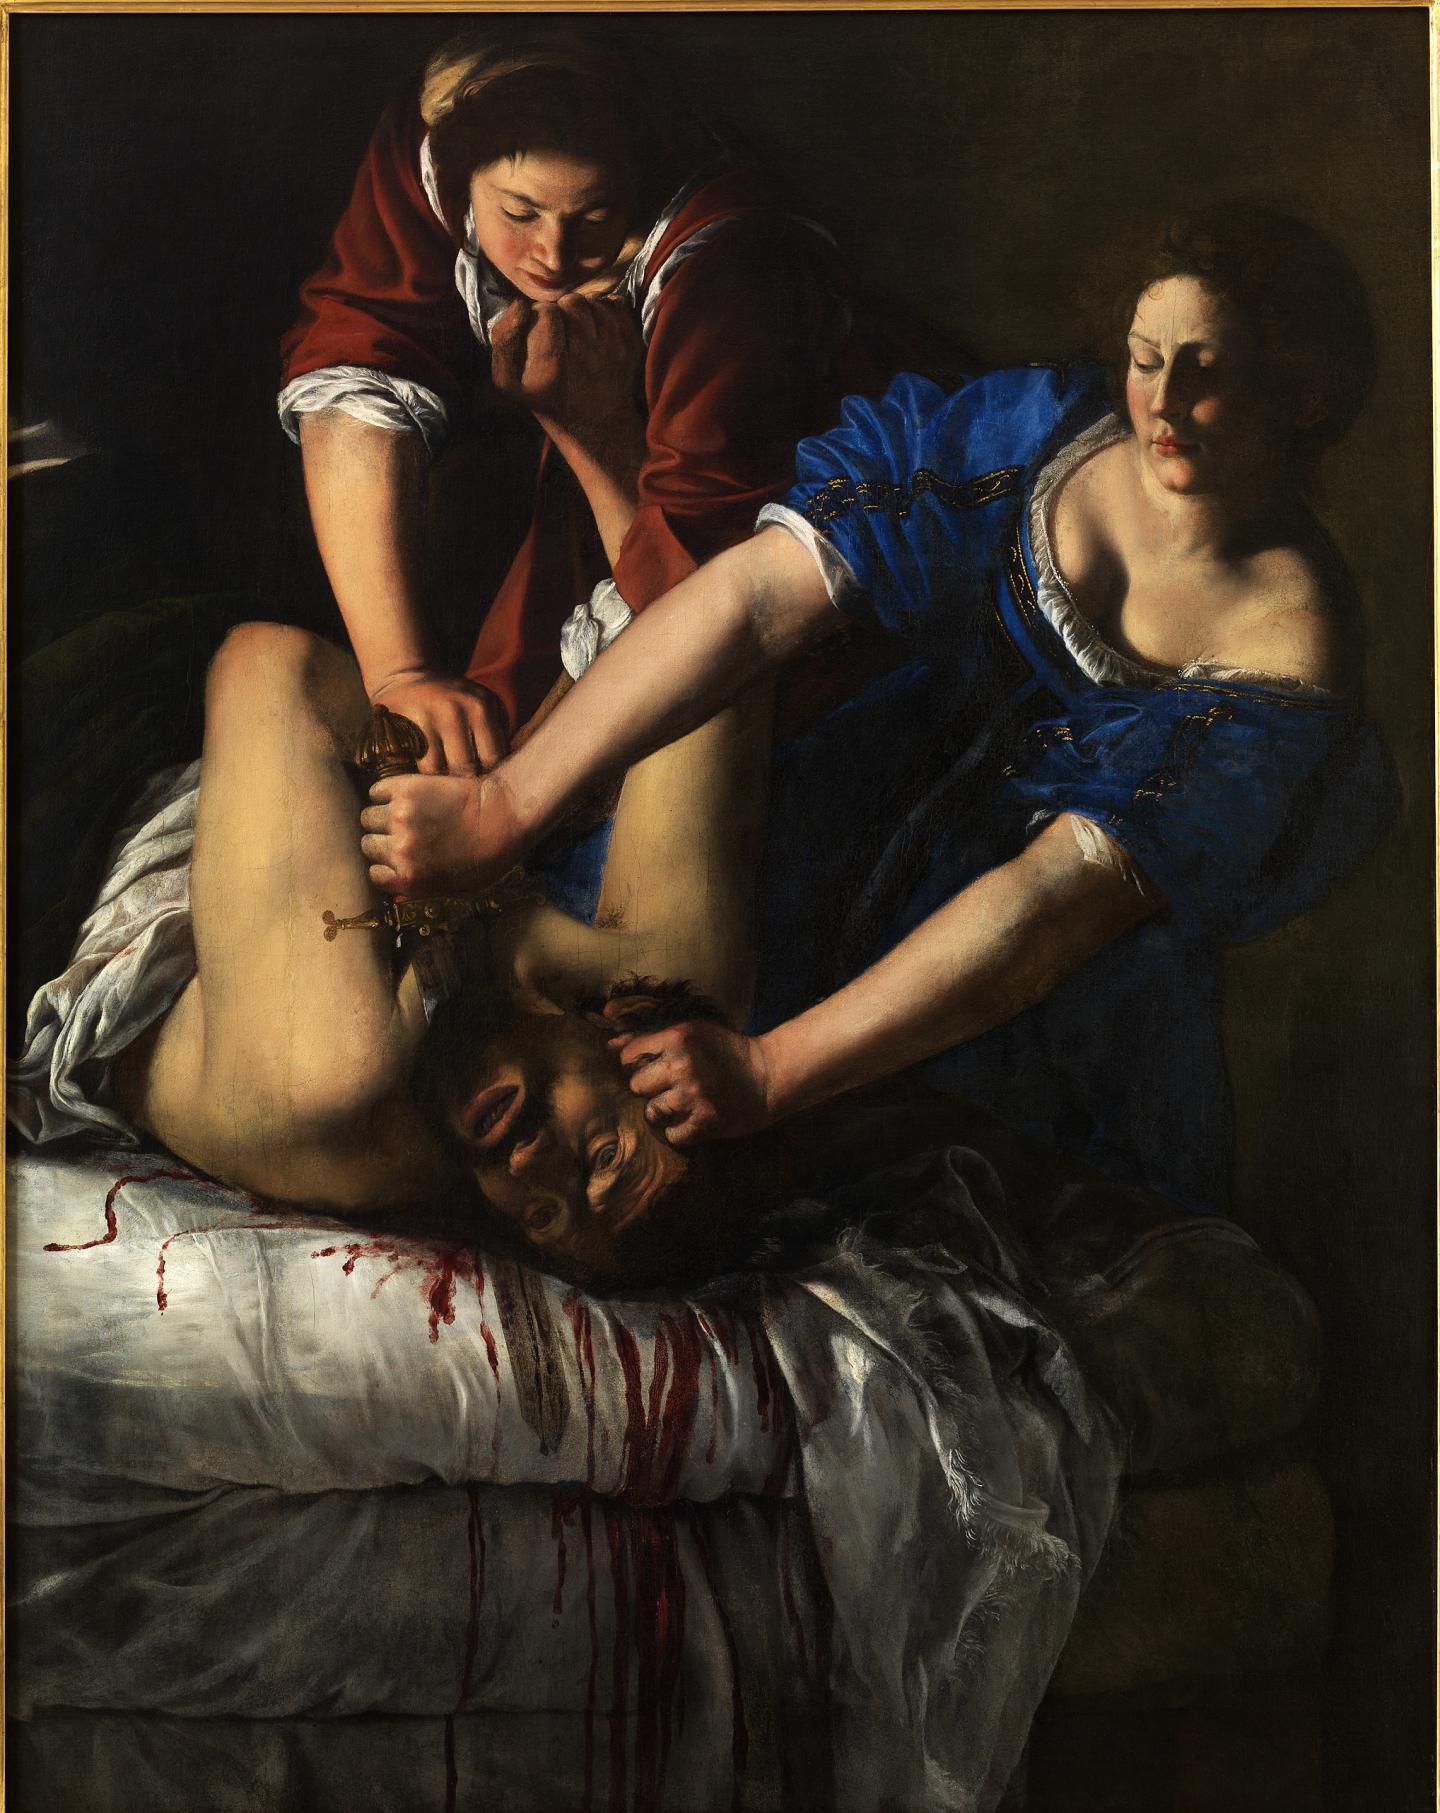 Artemisia Gentileschi Judith beheading Holofernes, about 1612-13 Oil on canvas 158.8 × 125.5 cm Napoli, Museo e Real Bosco di Capodimonte (Q378) © ph. Luciano Romano / Museo e Real Bosco di Capodimonte 2016